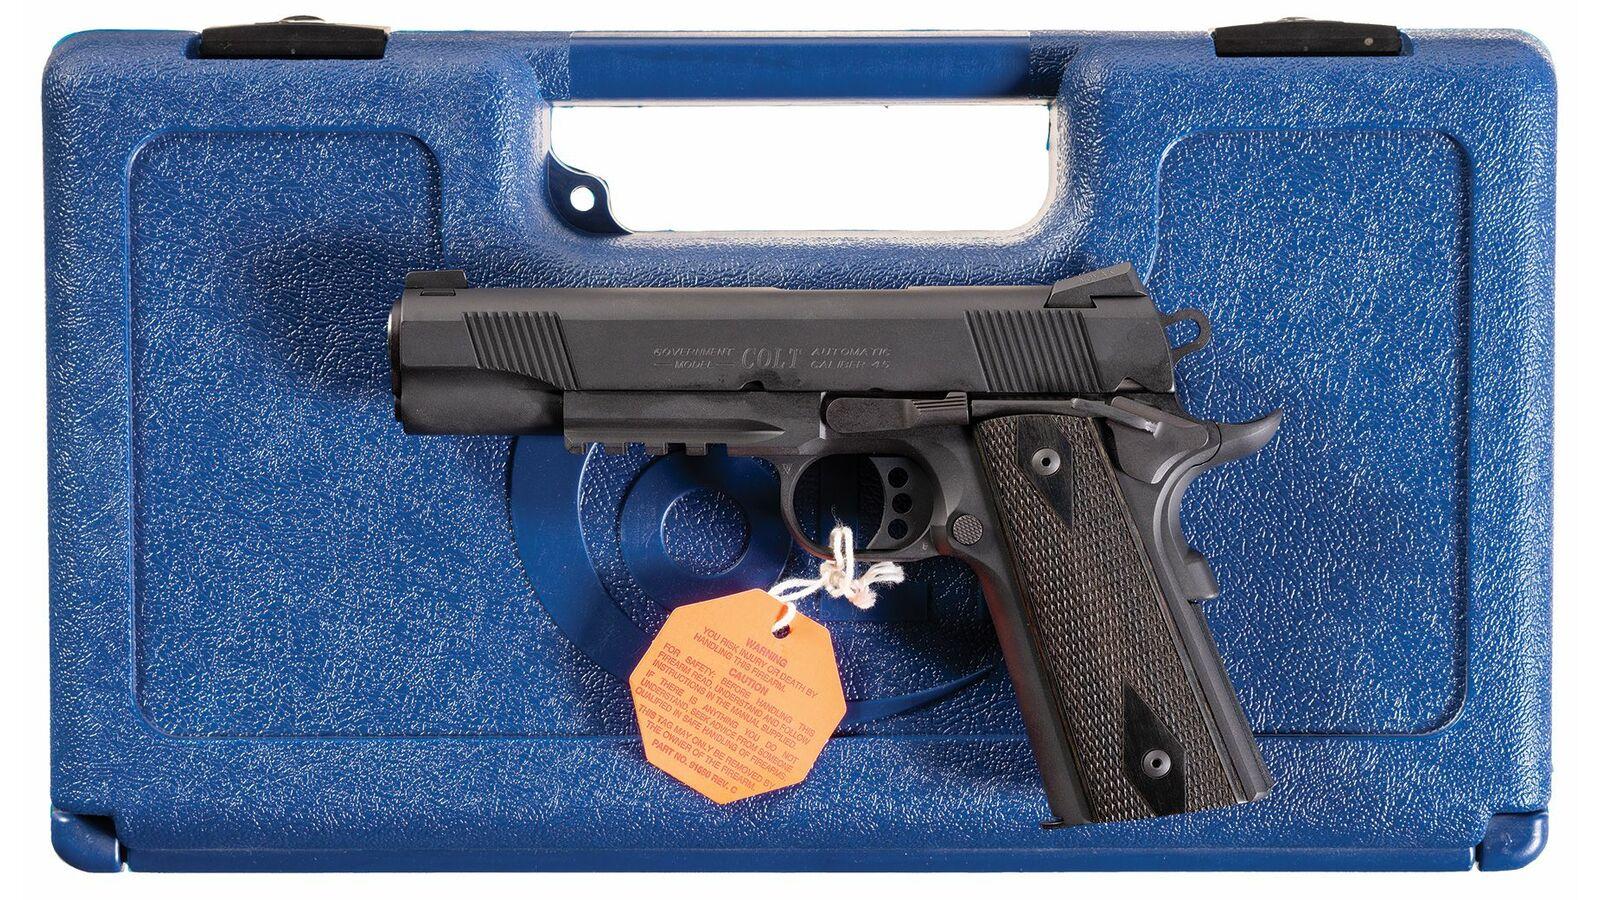 Colt Government Model Rail Gun Semi-Automatic Pistol with Case